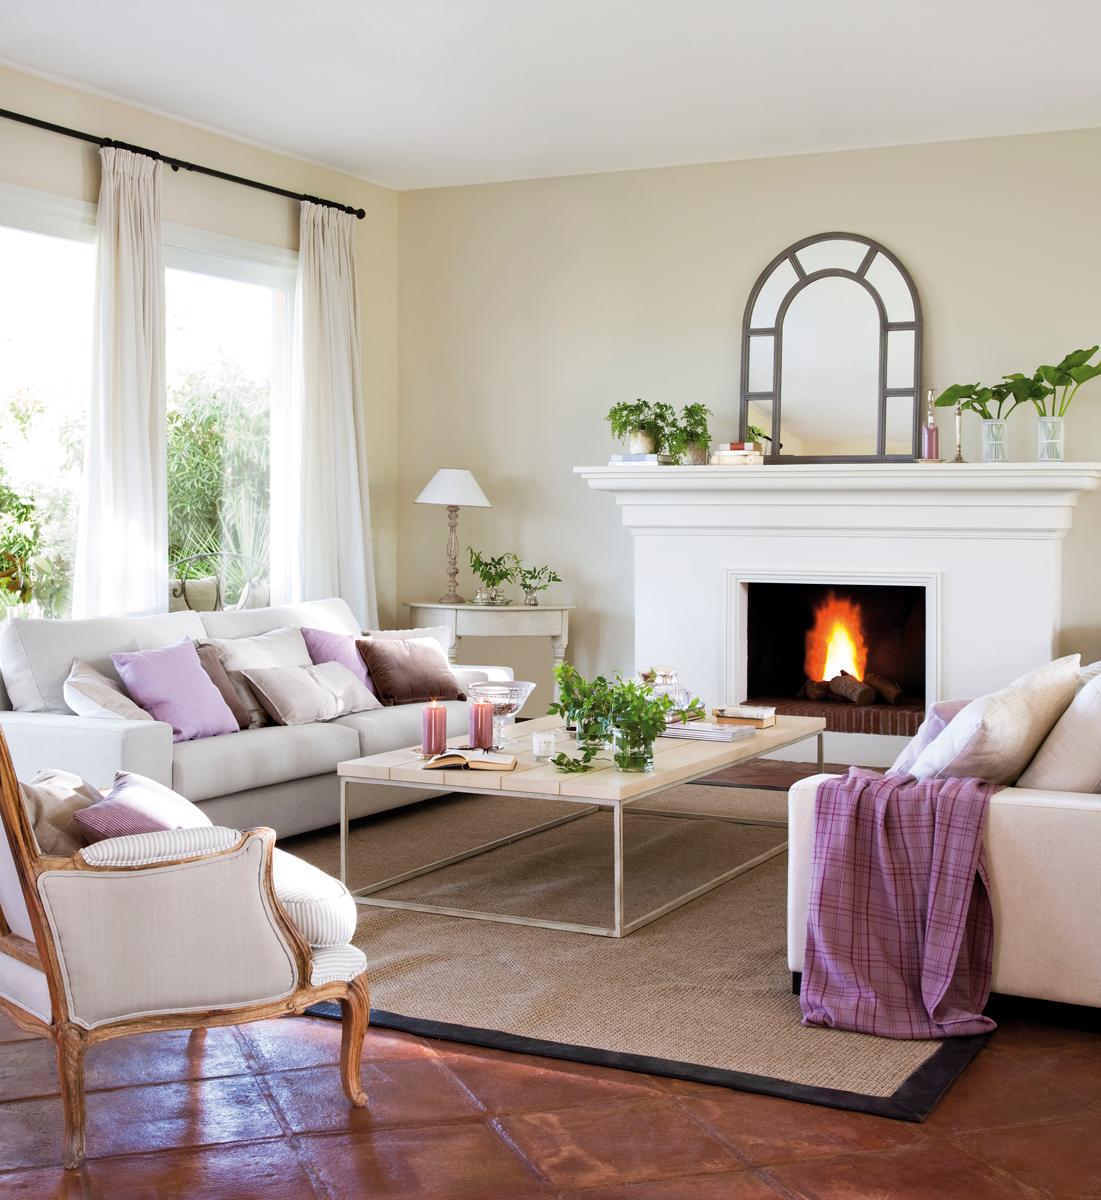 10-Salón-clásico-con-toques-lilas,-espejo-con-cuarterones,-alfombra-con-ribete-y-butaca-afrancesada 303808